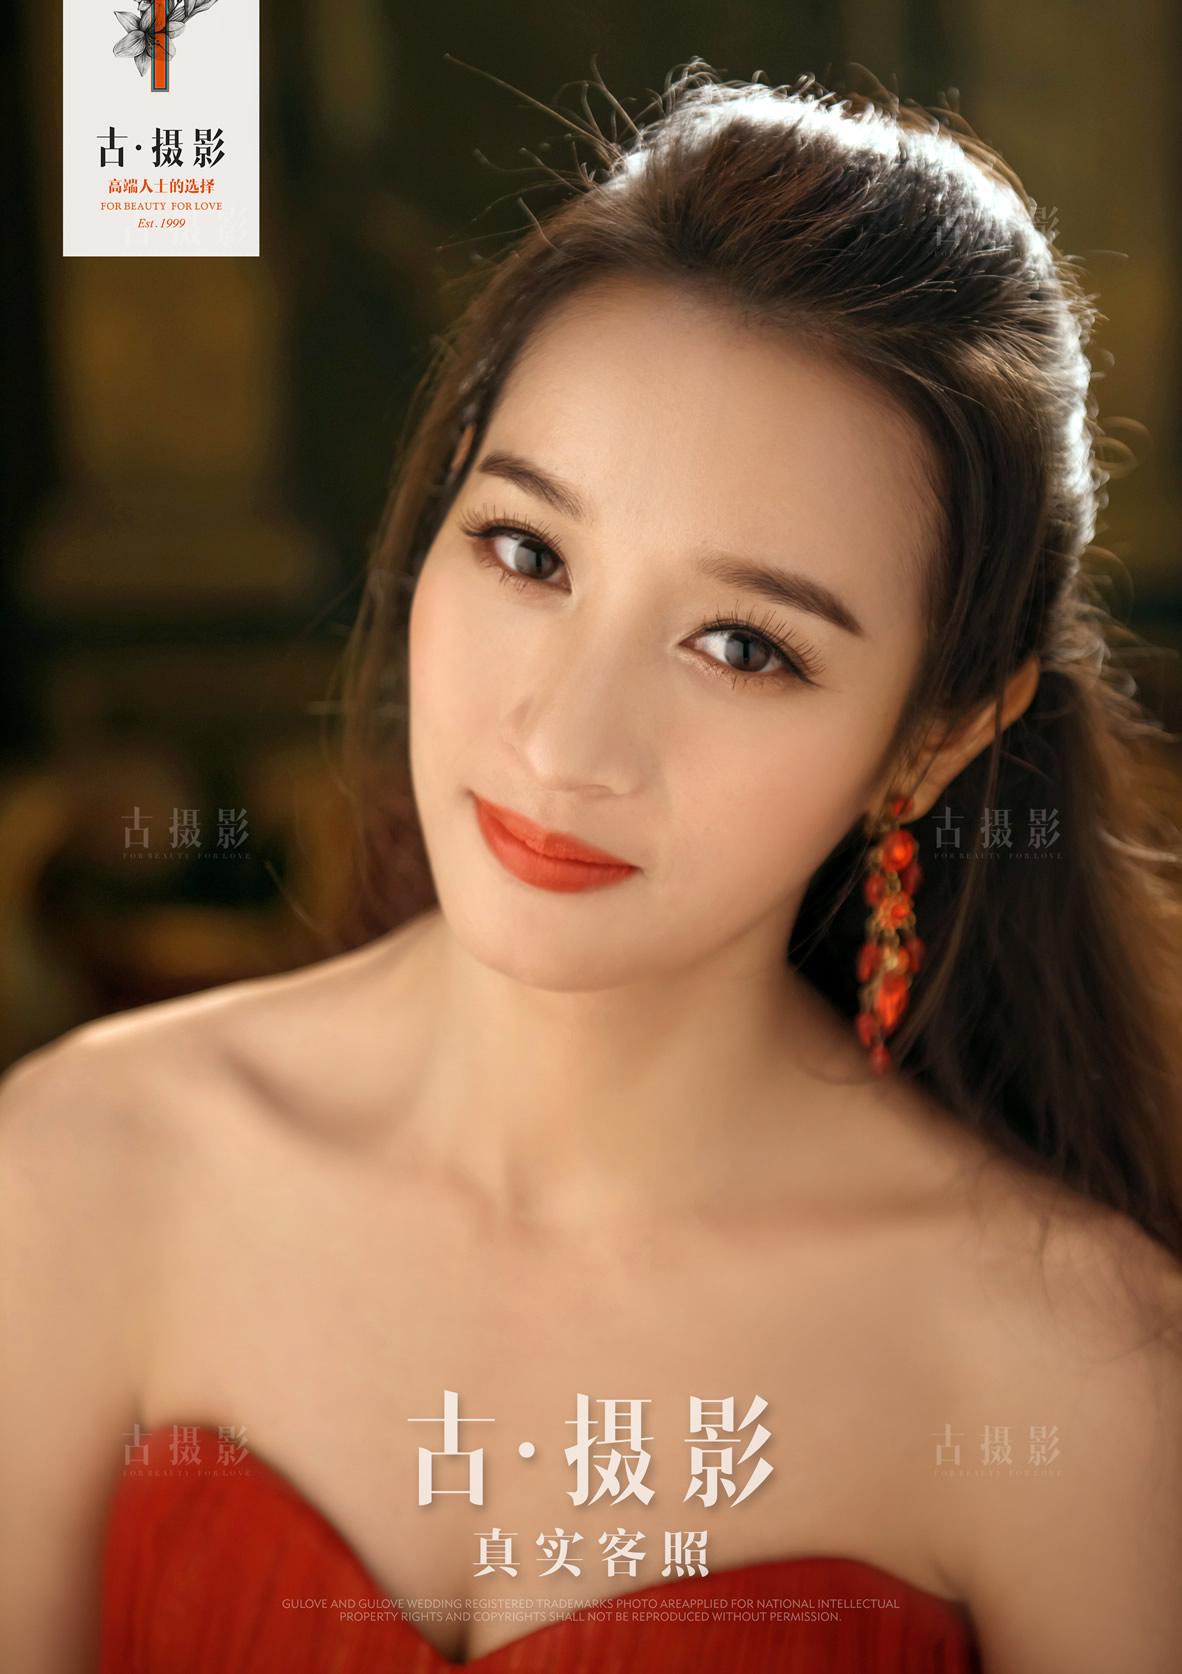 2月11日客片邓先生 陈小姐 - 每日客照 - 广州婚纱摄影-广州古摄影官网